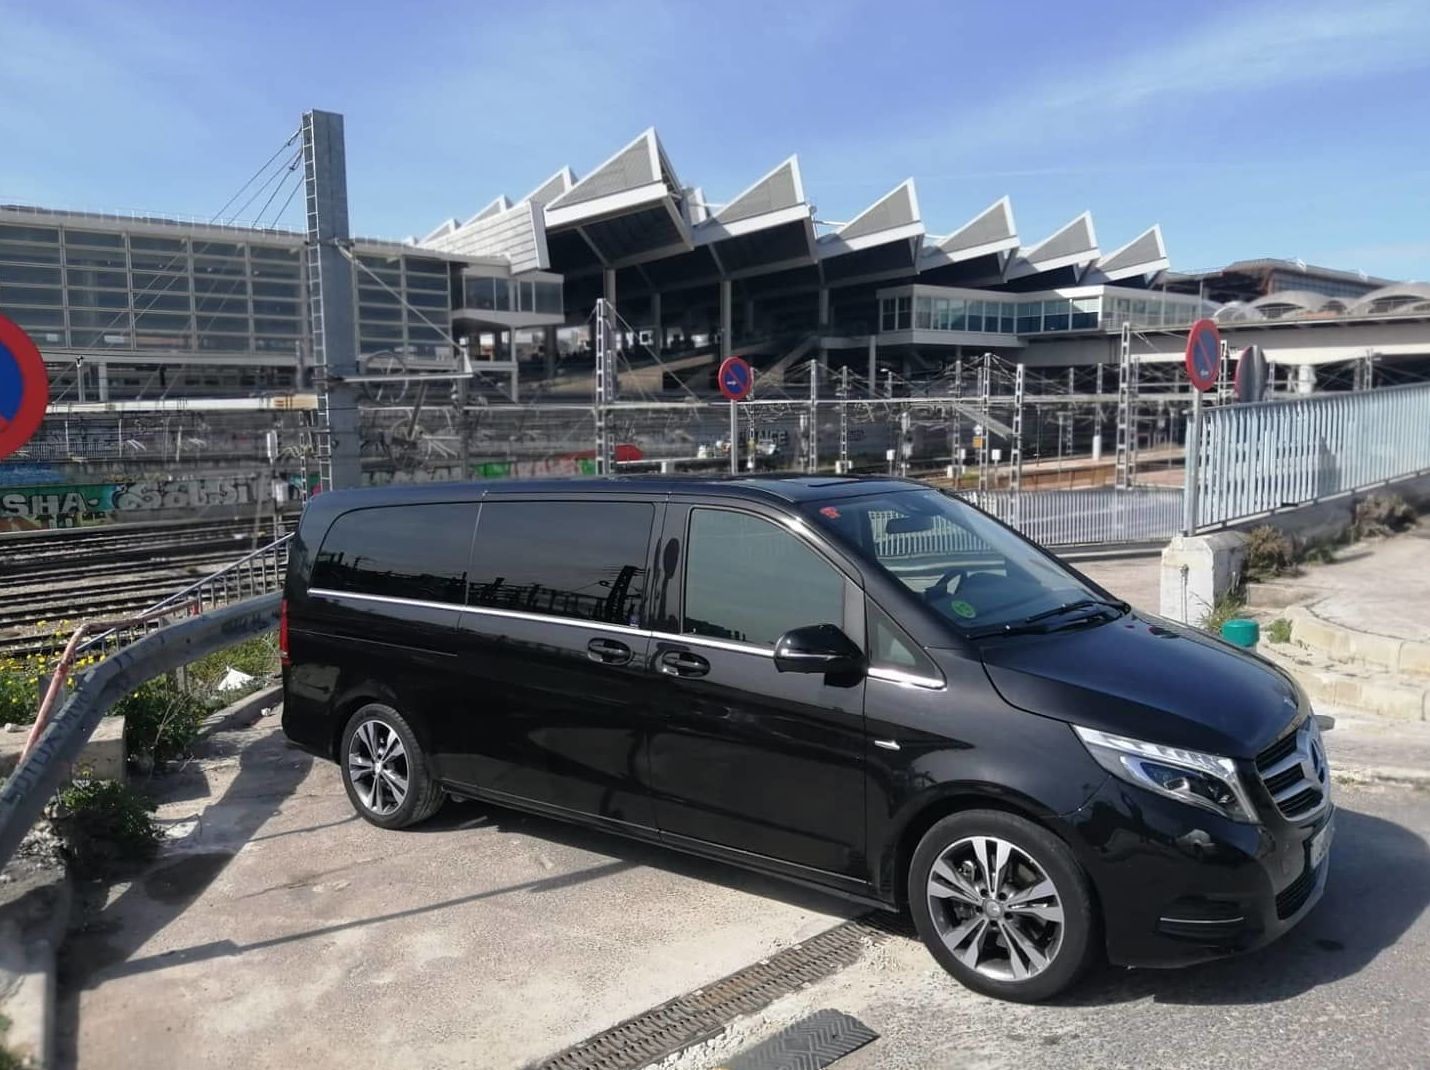 Foto 4 de Alquiler de vehículos con conductor en  | Candecar